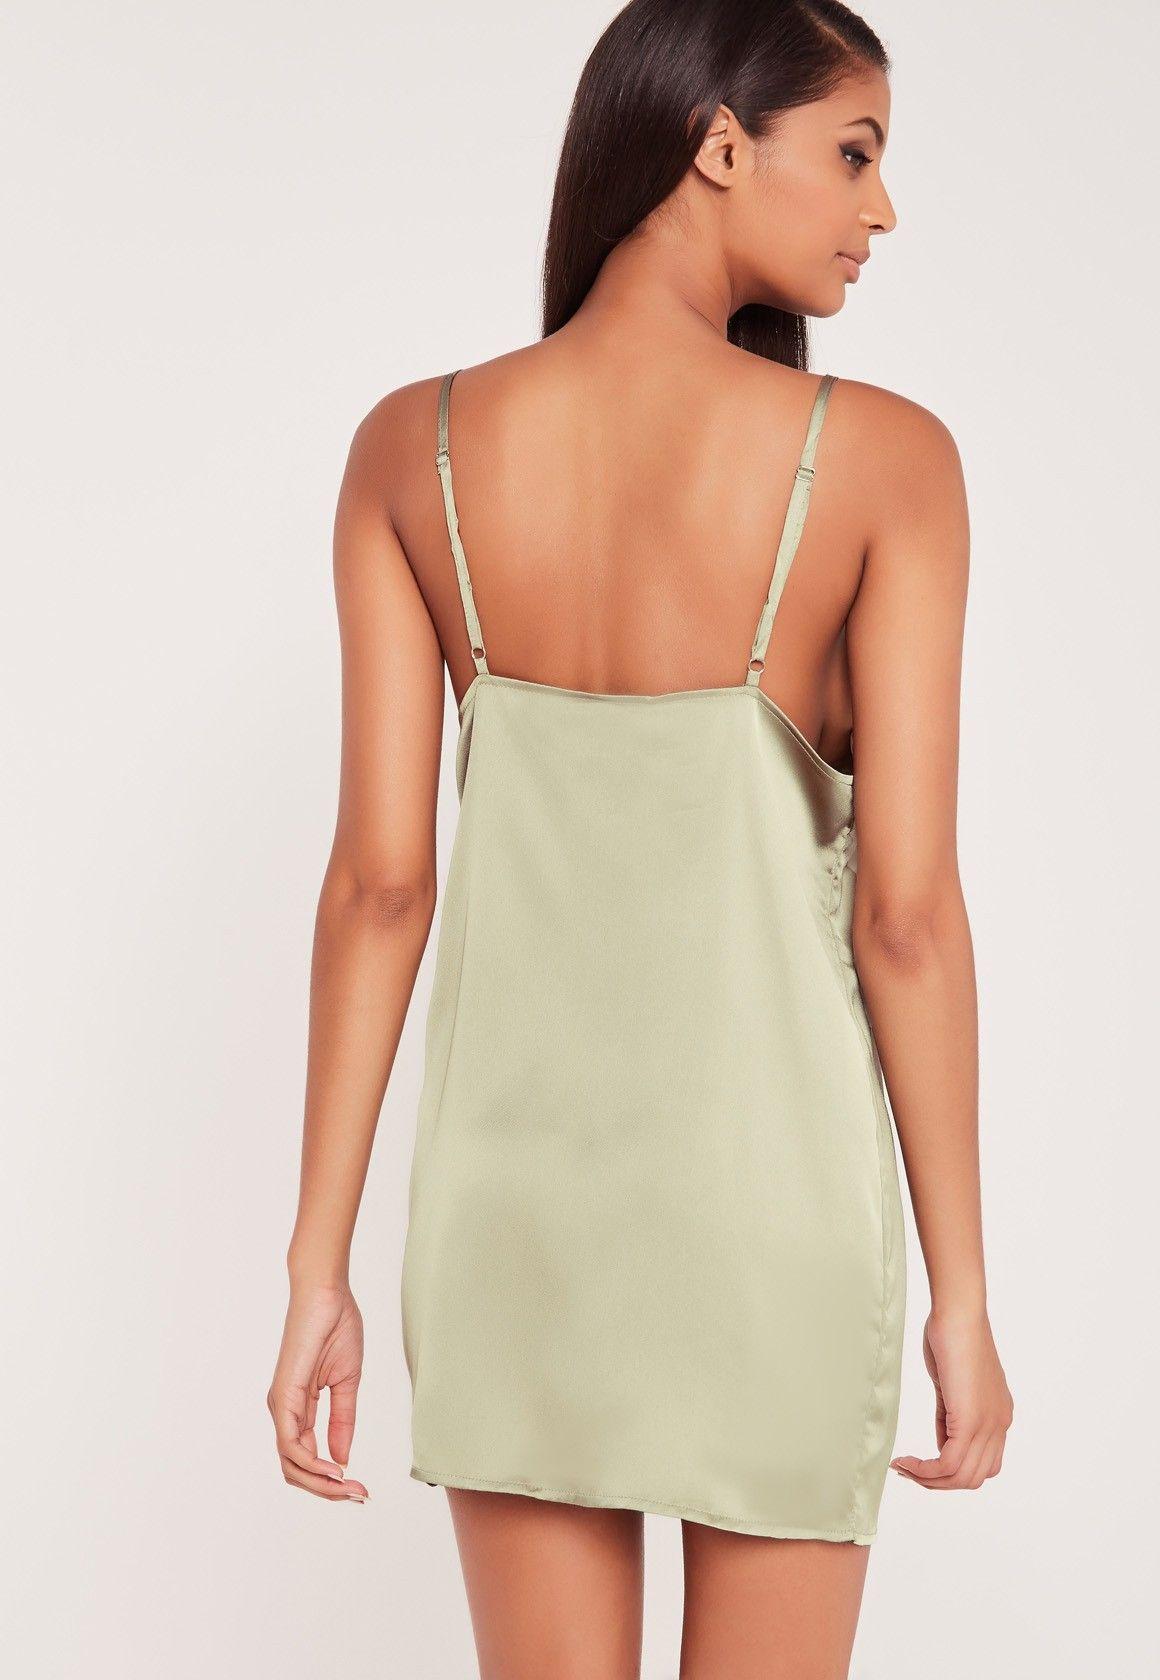 Carli Bybel Silky Cami Dress Green - Missguided | carli bybel x ...